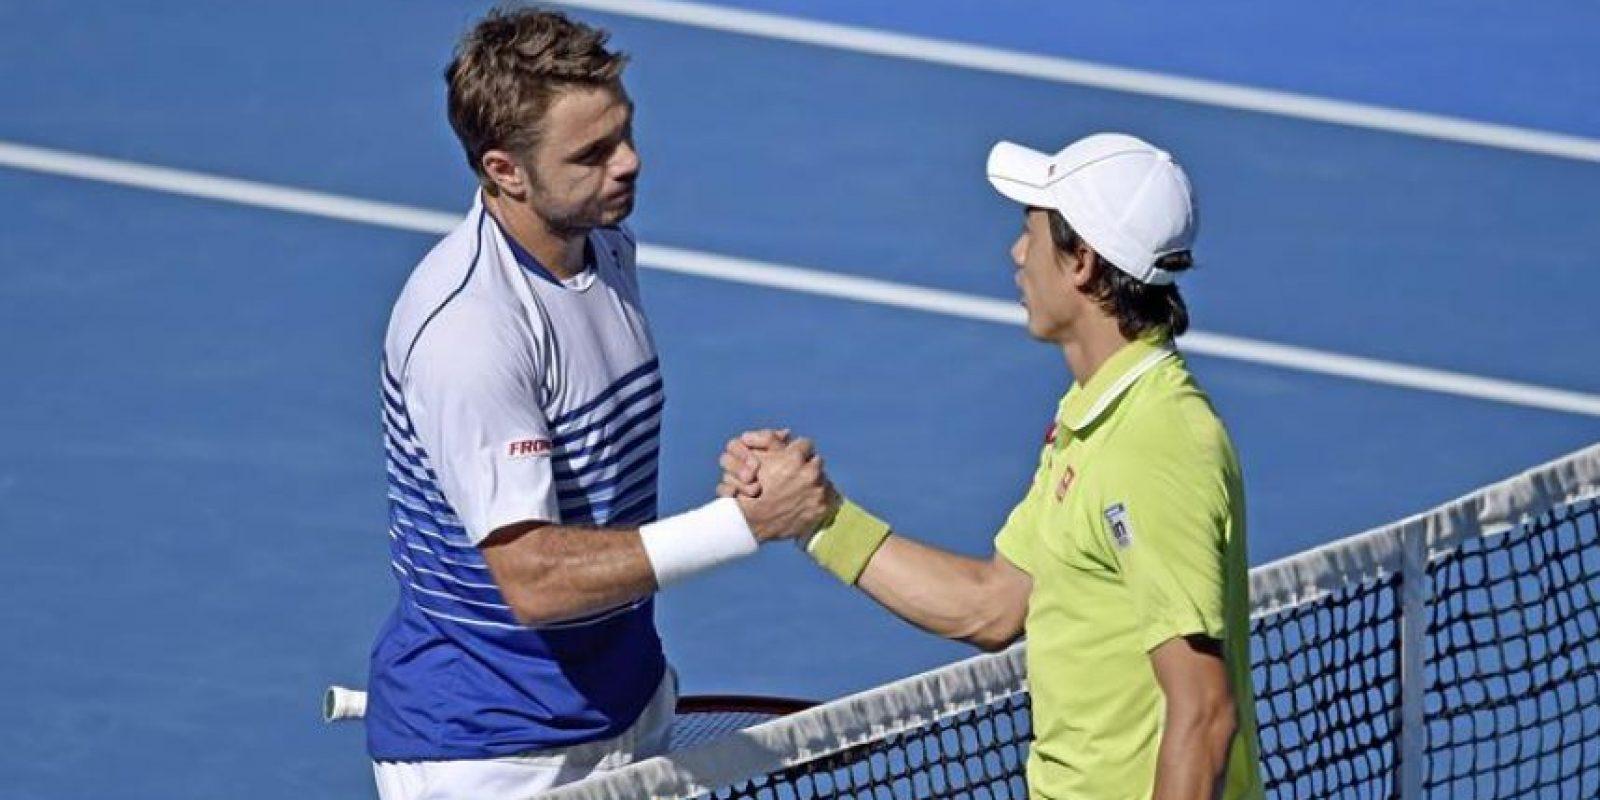 El tenista suizo Stan Wawrinka (izda) saluda al japonés Kei Nishikori tras su victoria en los cuartos de final del Abierto de Australia en Melbourne (Australia) hoy, miércoles 28 de enero de 2015. EFE